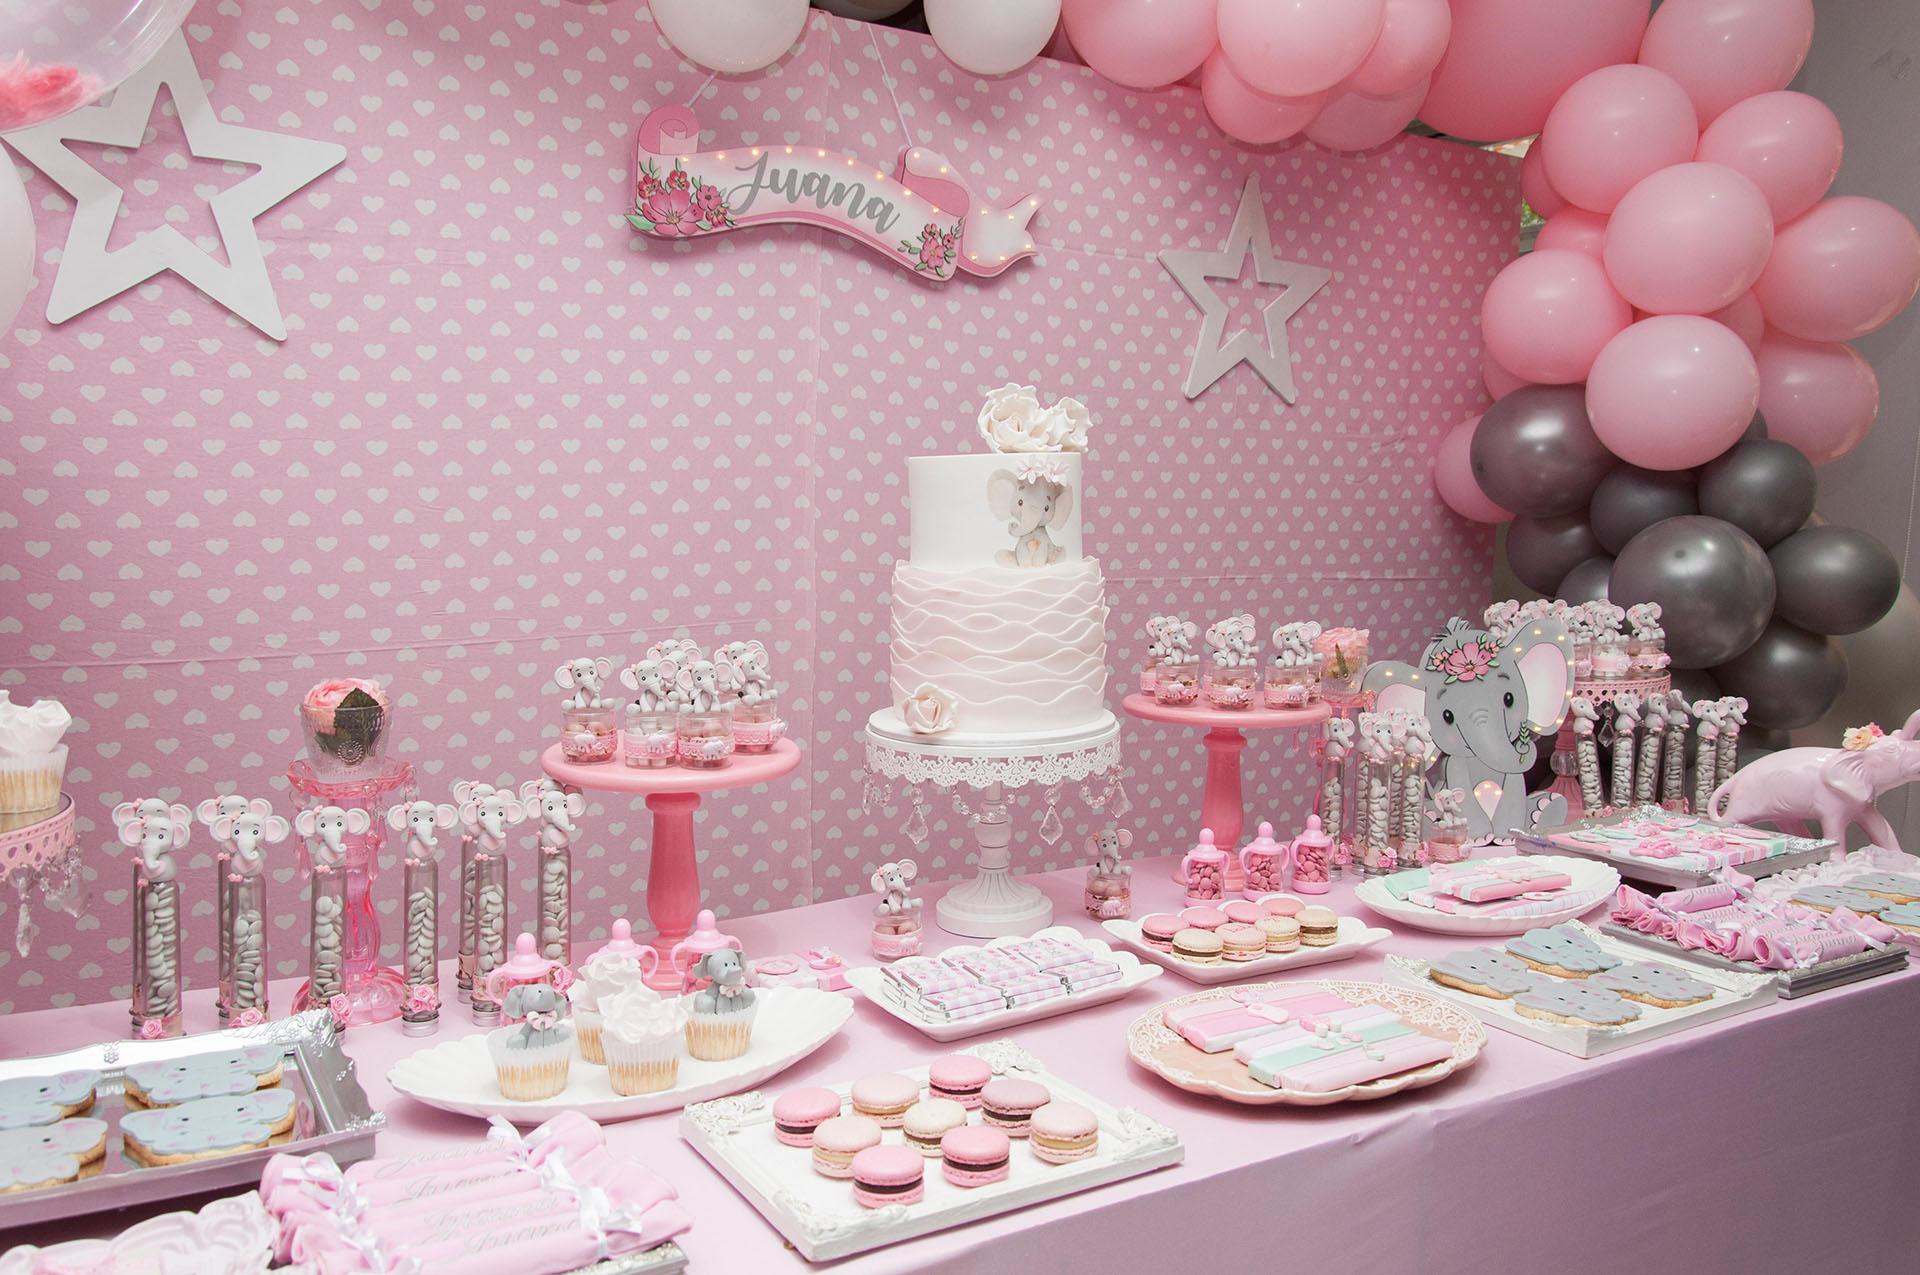 La torta principal hasta los cupcakes, galletitas, tubos con pastillitas y caramelos con tiernas figuras de elefantitos (Fotos: Teleshow/Verónica Guerman)